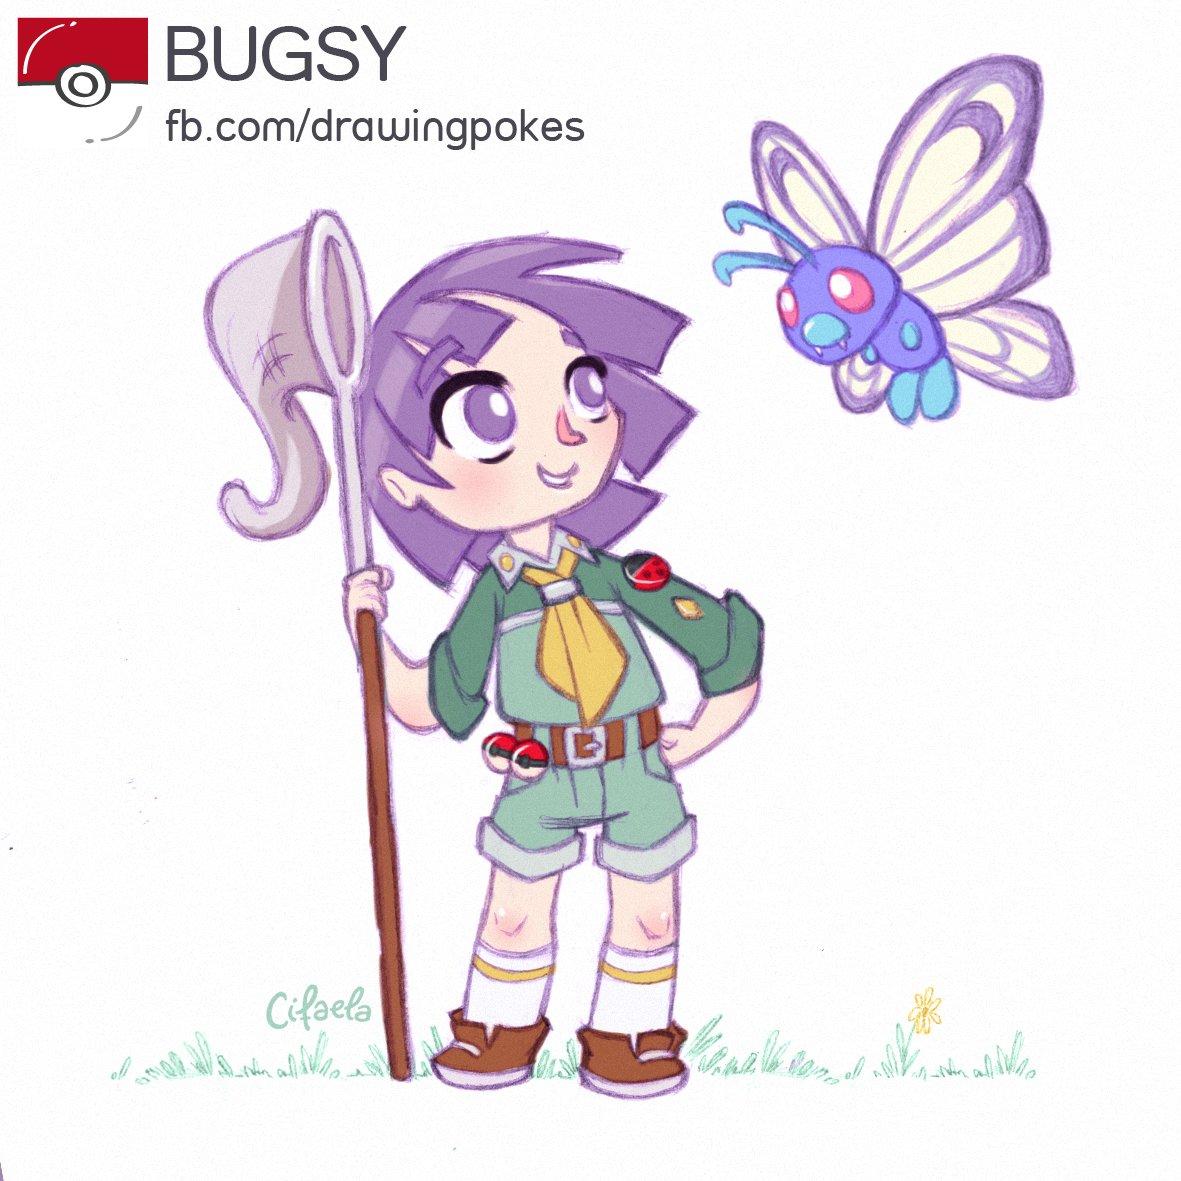 Fabiola monteiro treinador bugsy